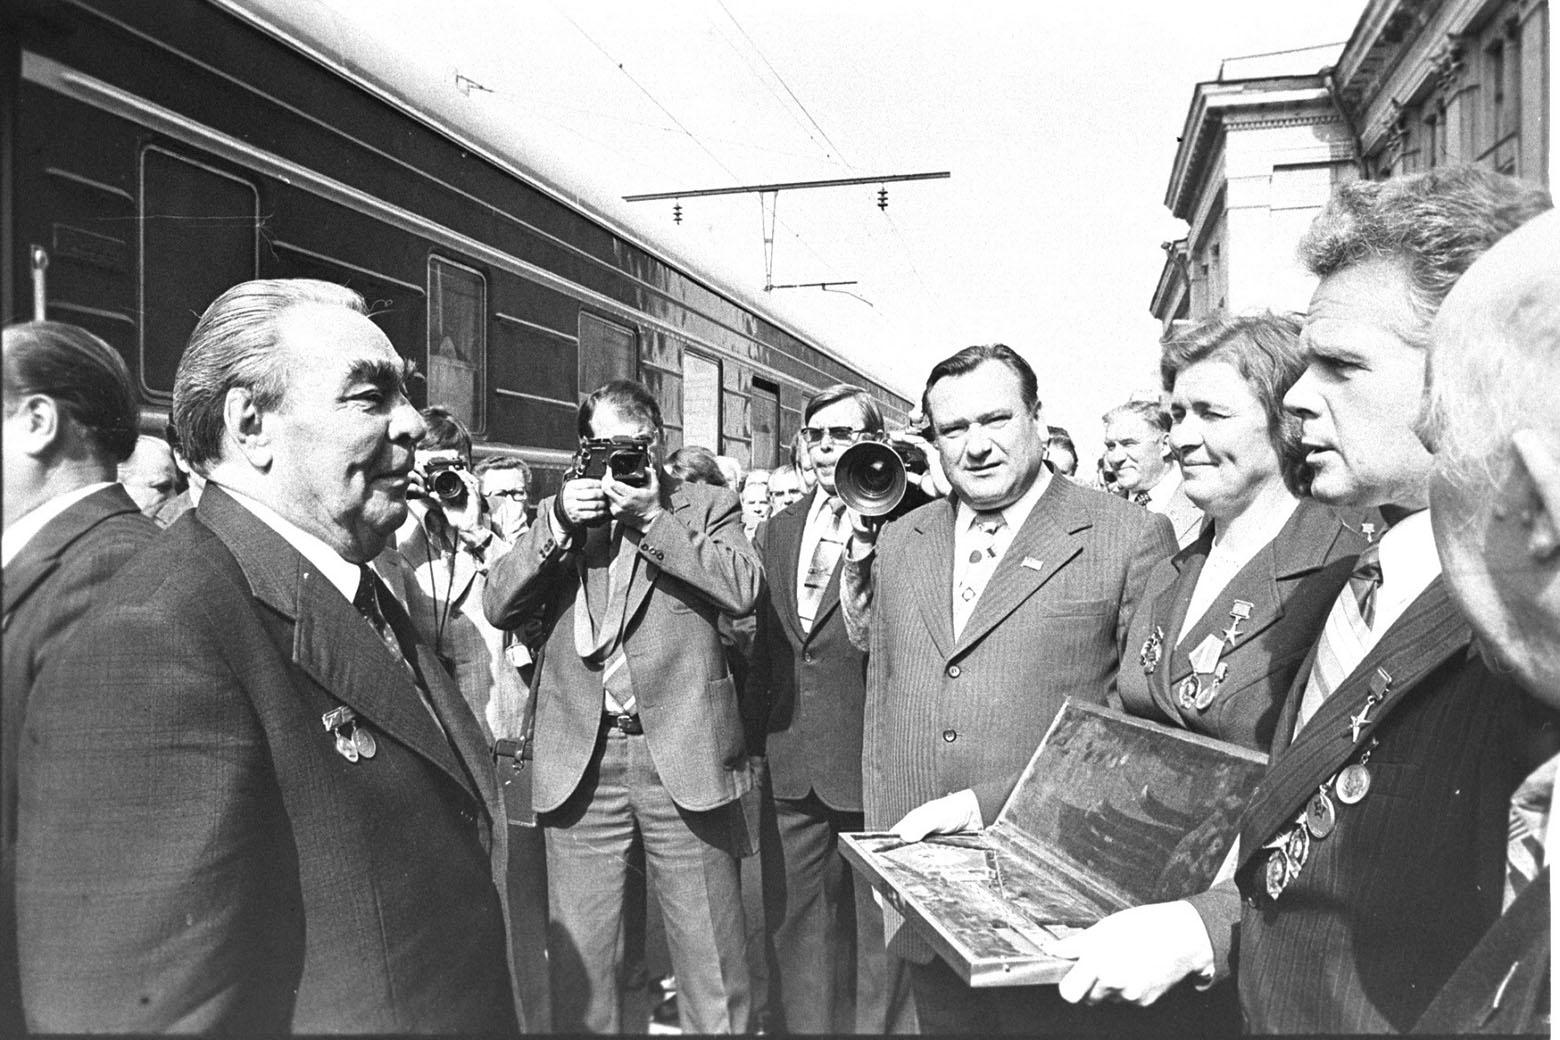 Вручение символического ключа от г. Минска Генеральному секретарю ЦК КПСС Леониду Брежневу, 1978 год.